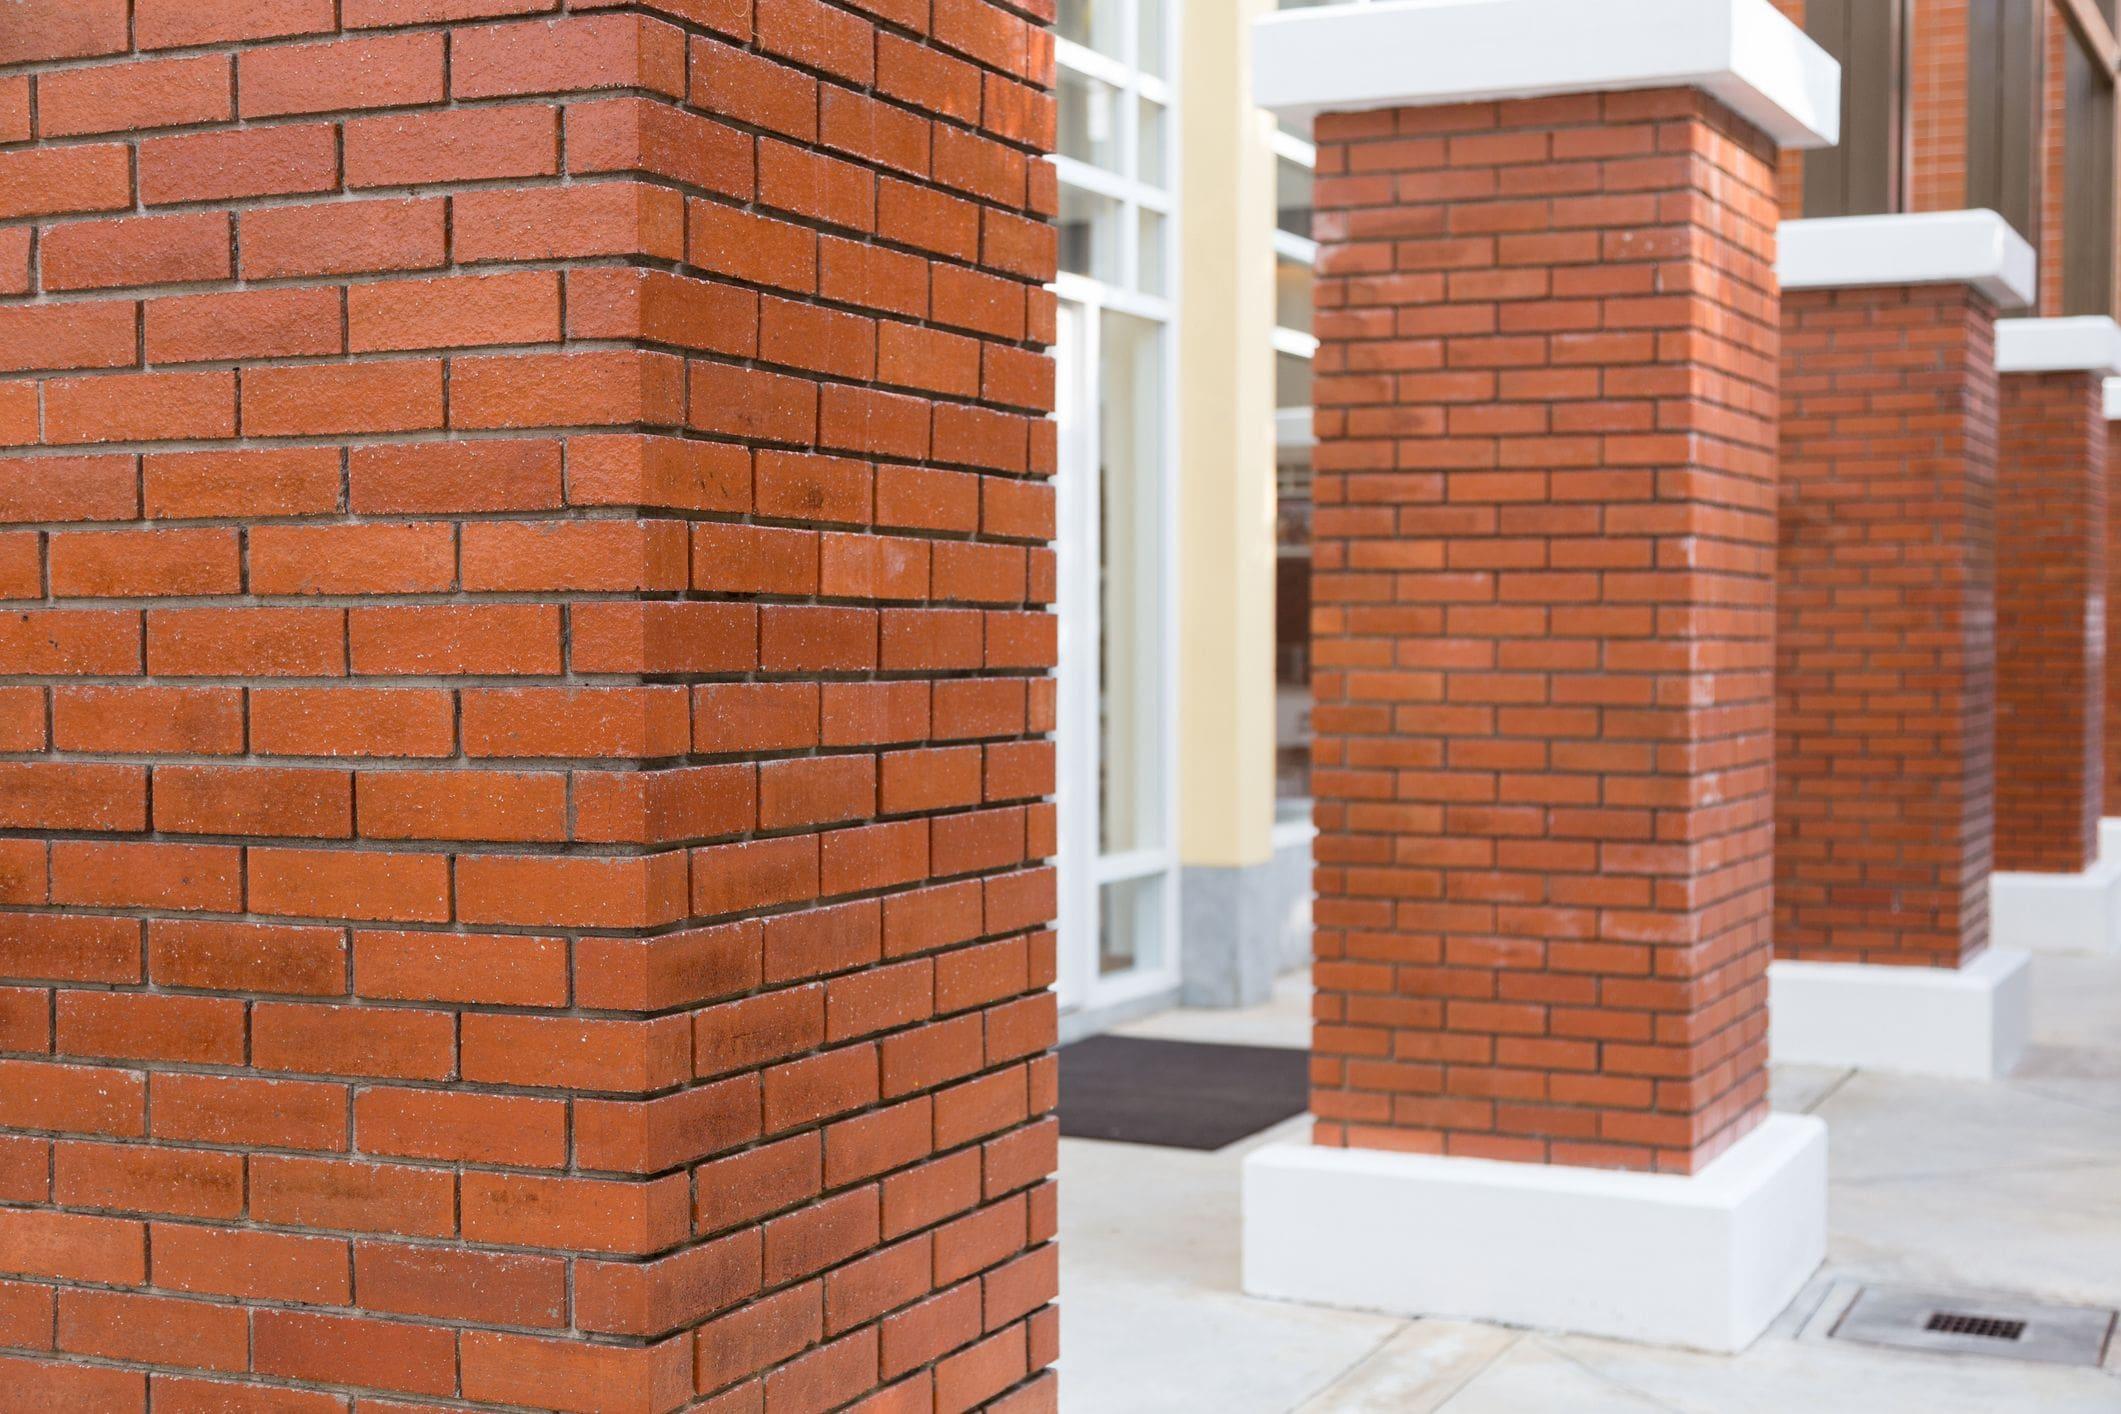 brick pillars at front entrance of home driveway